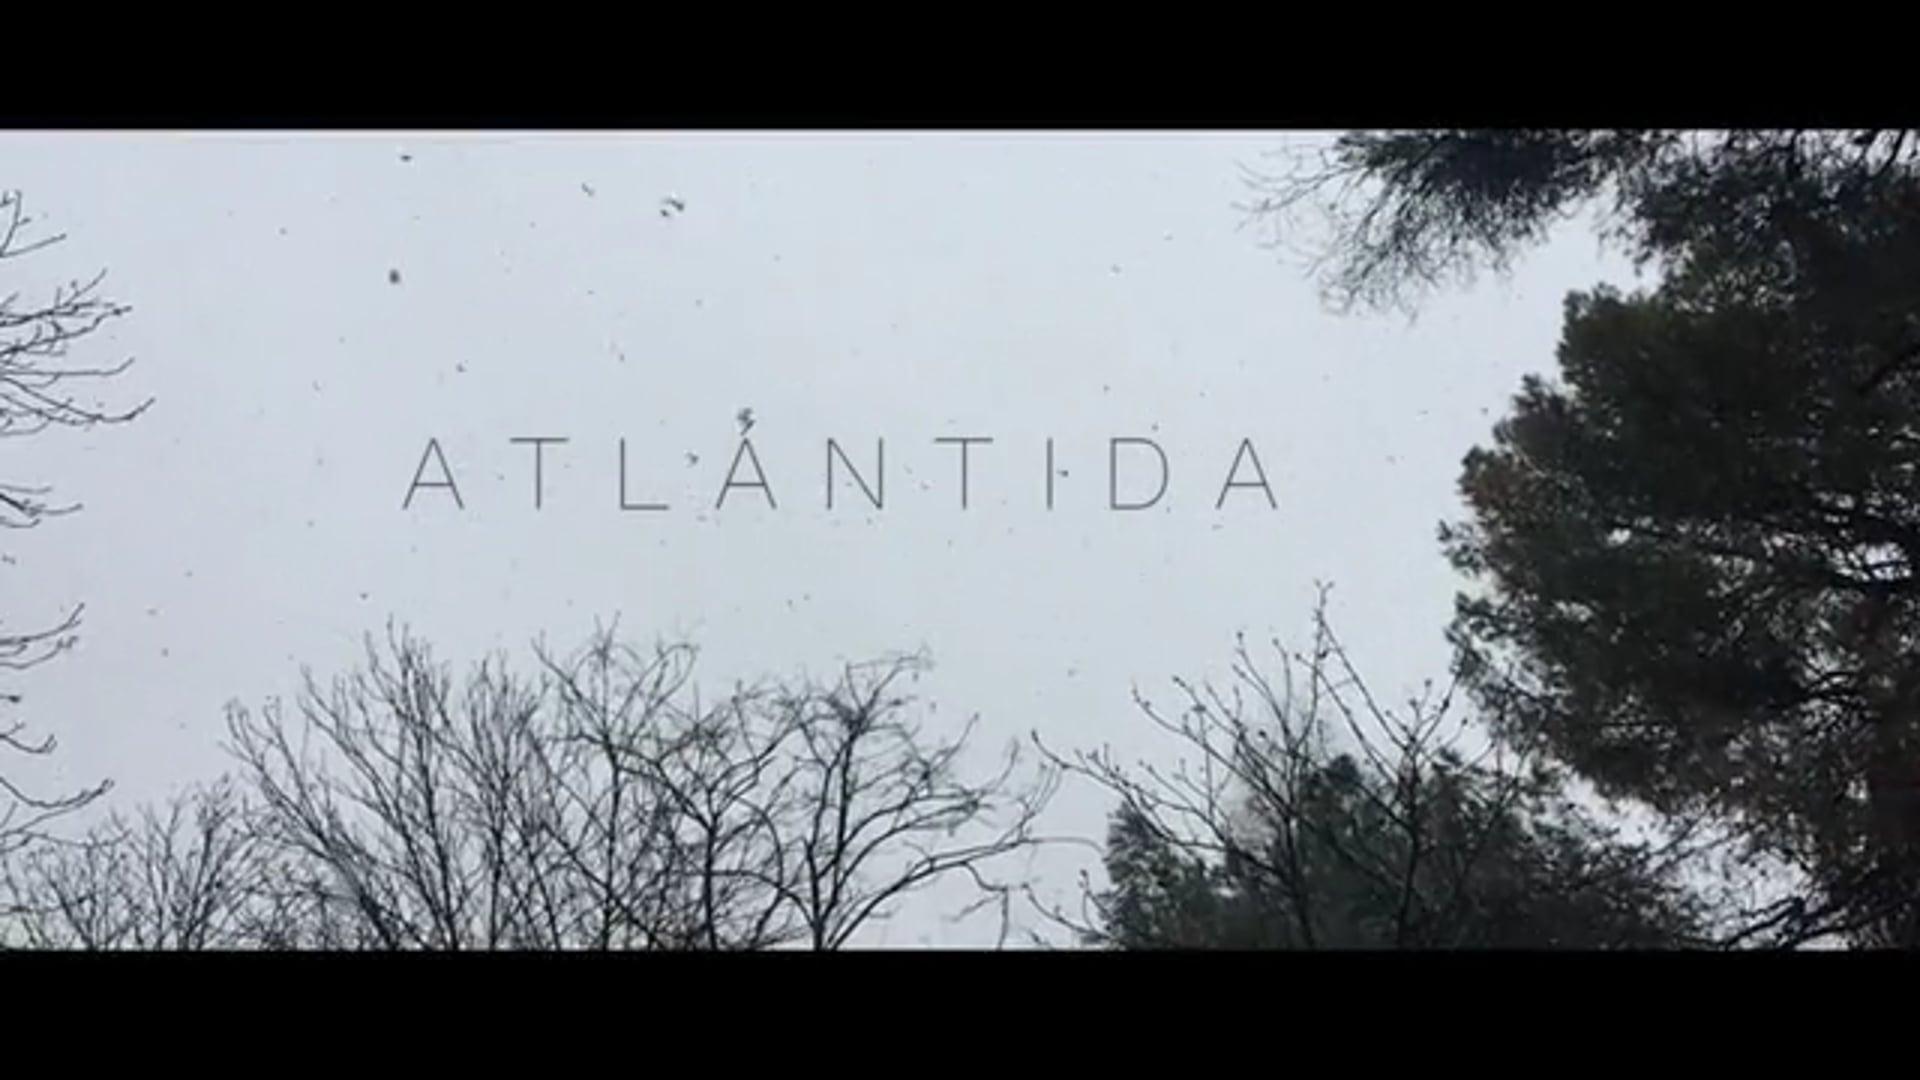 ATLÁNTIDA / Cortometraje